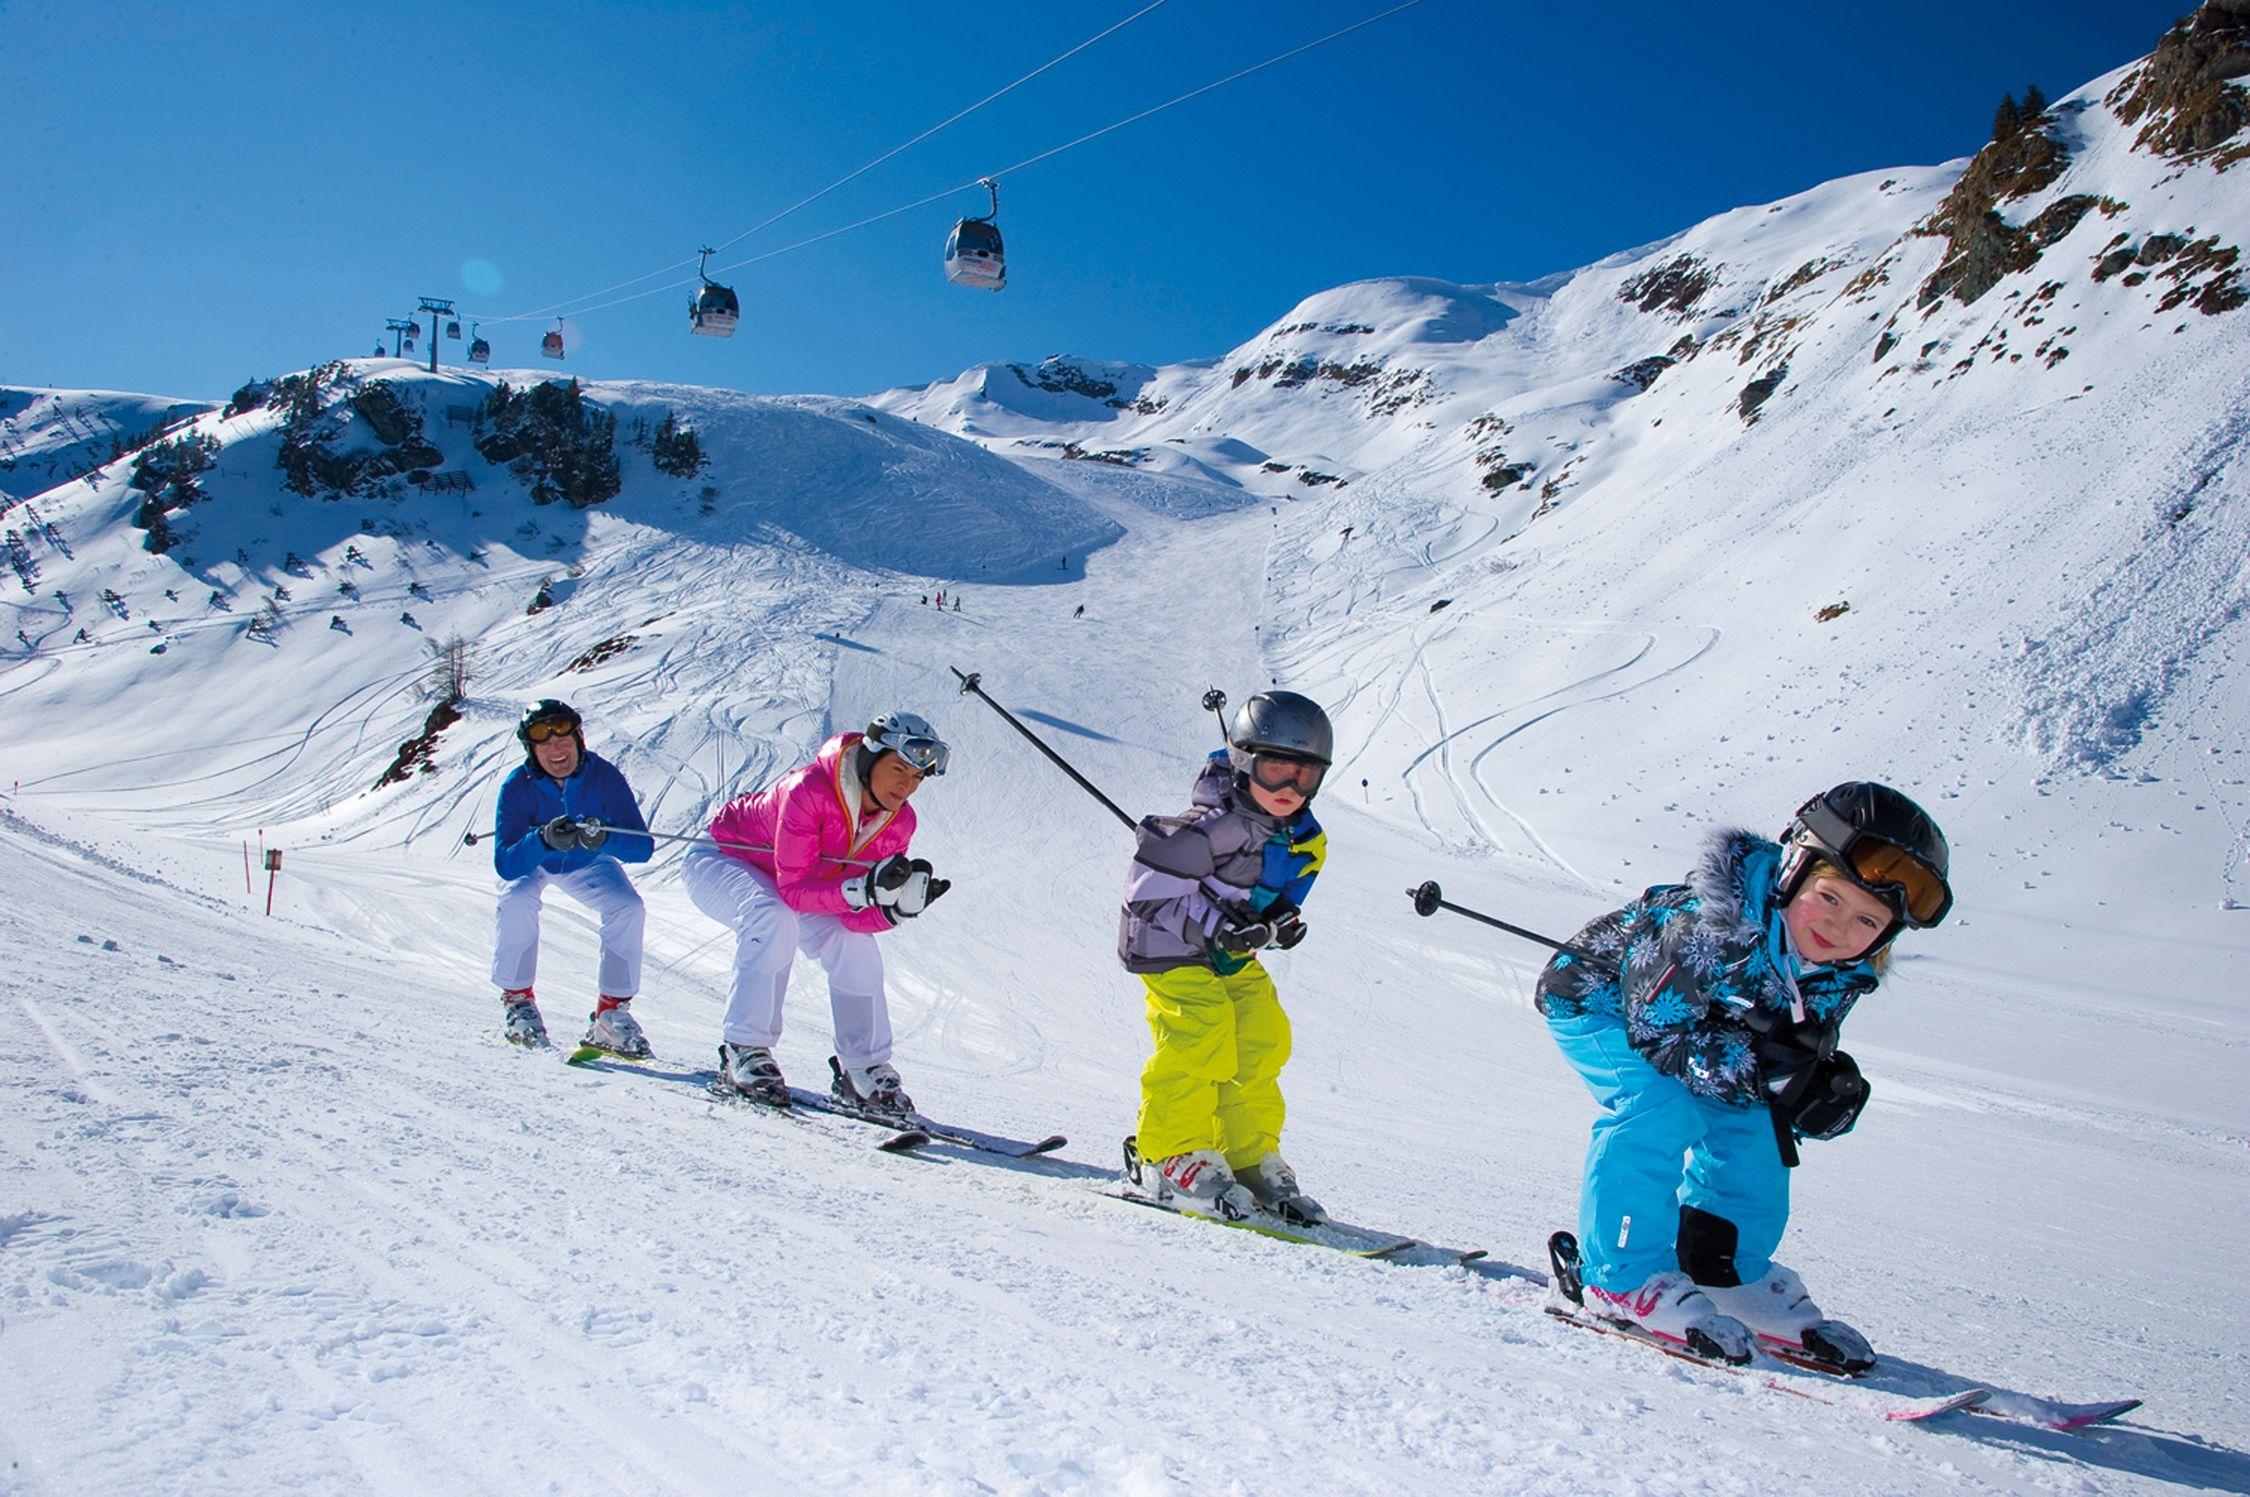 Familie auf der Piste im Skigebiet_Rauriser_Hochalmbahnen